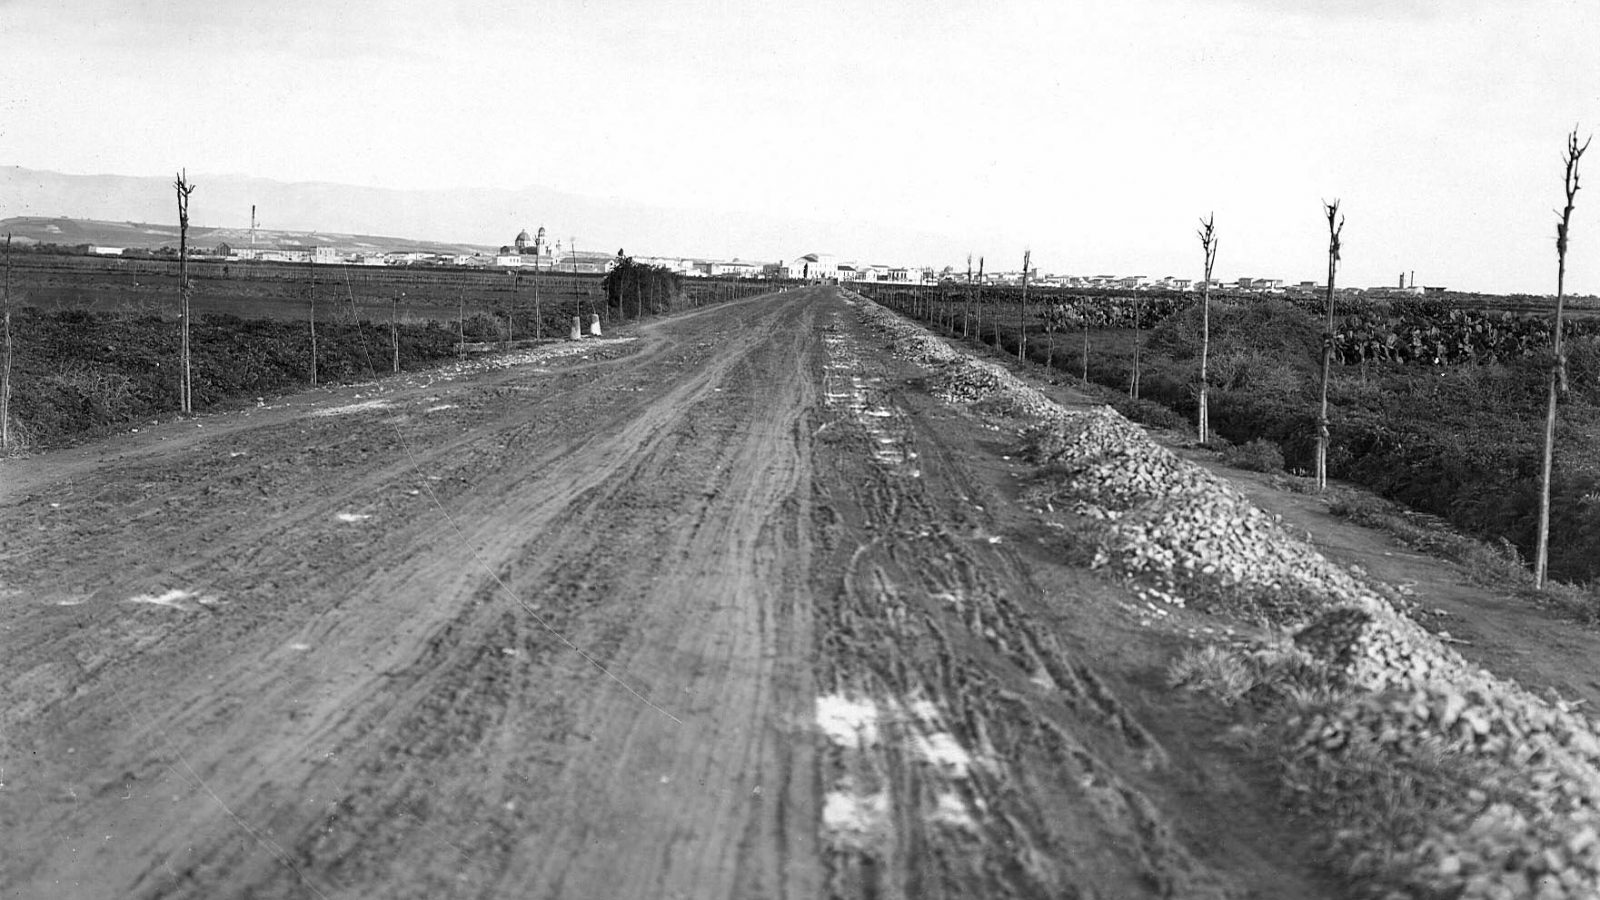 Sardegna, tratto stradale tra Cagliari e Quartu S. Elena (Archivio storico Anas)